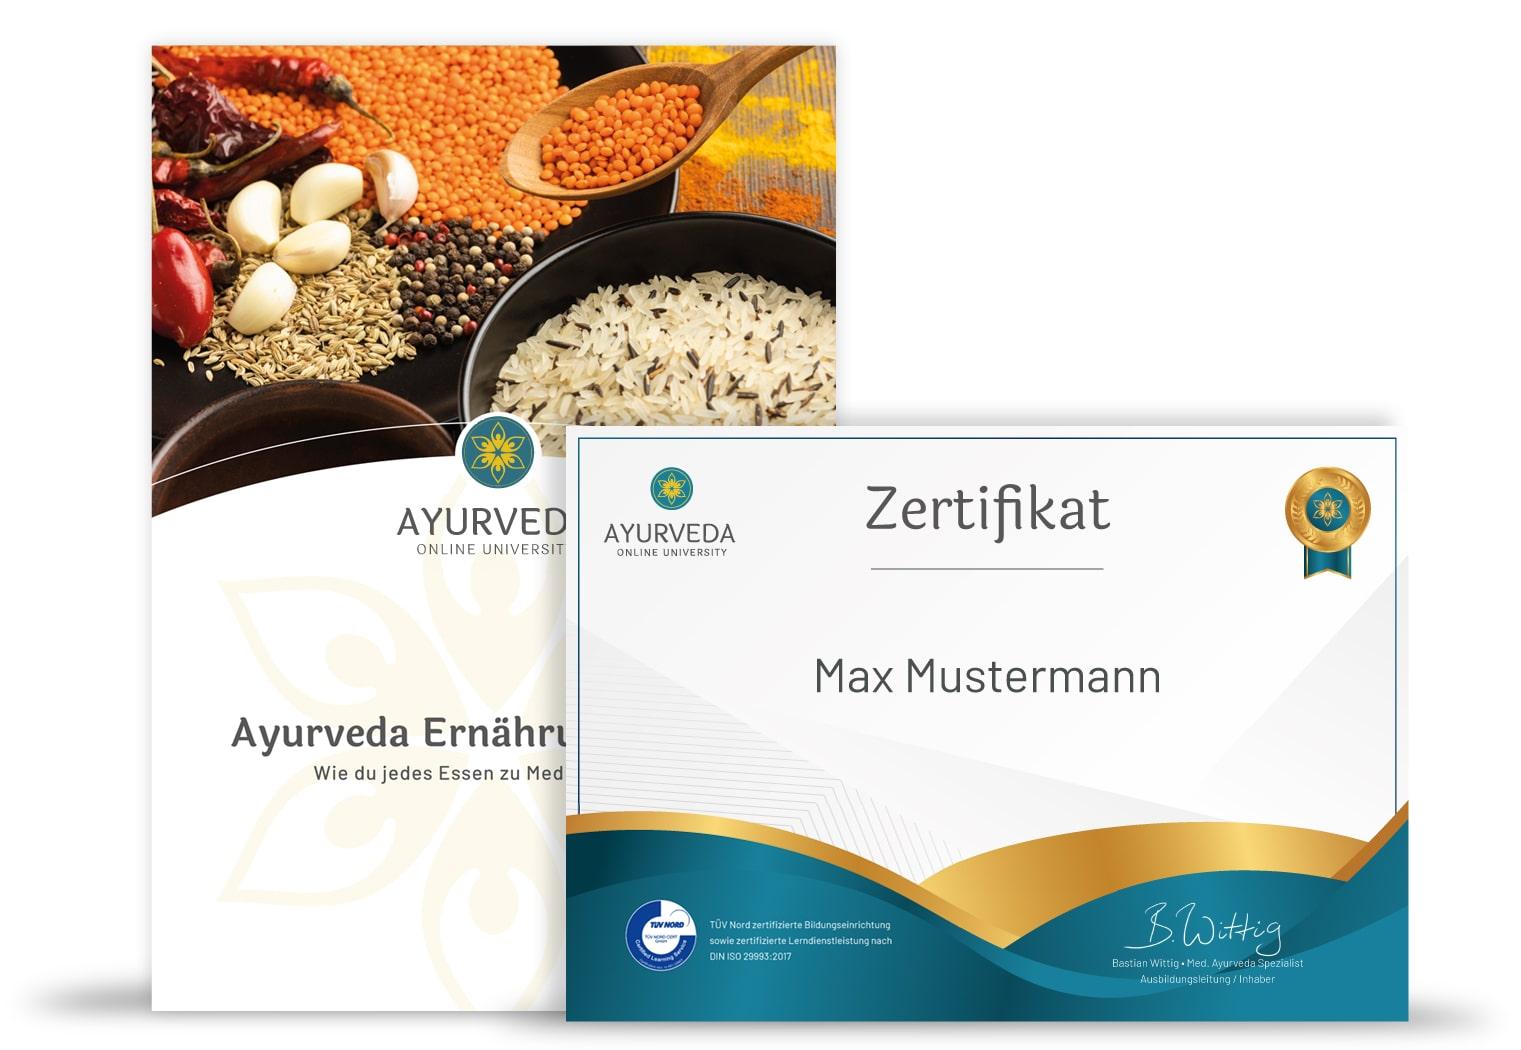 Ayurveda Ernährungscoach Unterlagen & Zertifikat